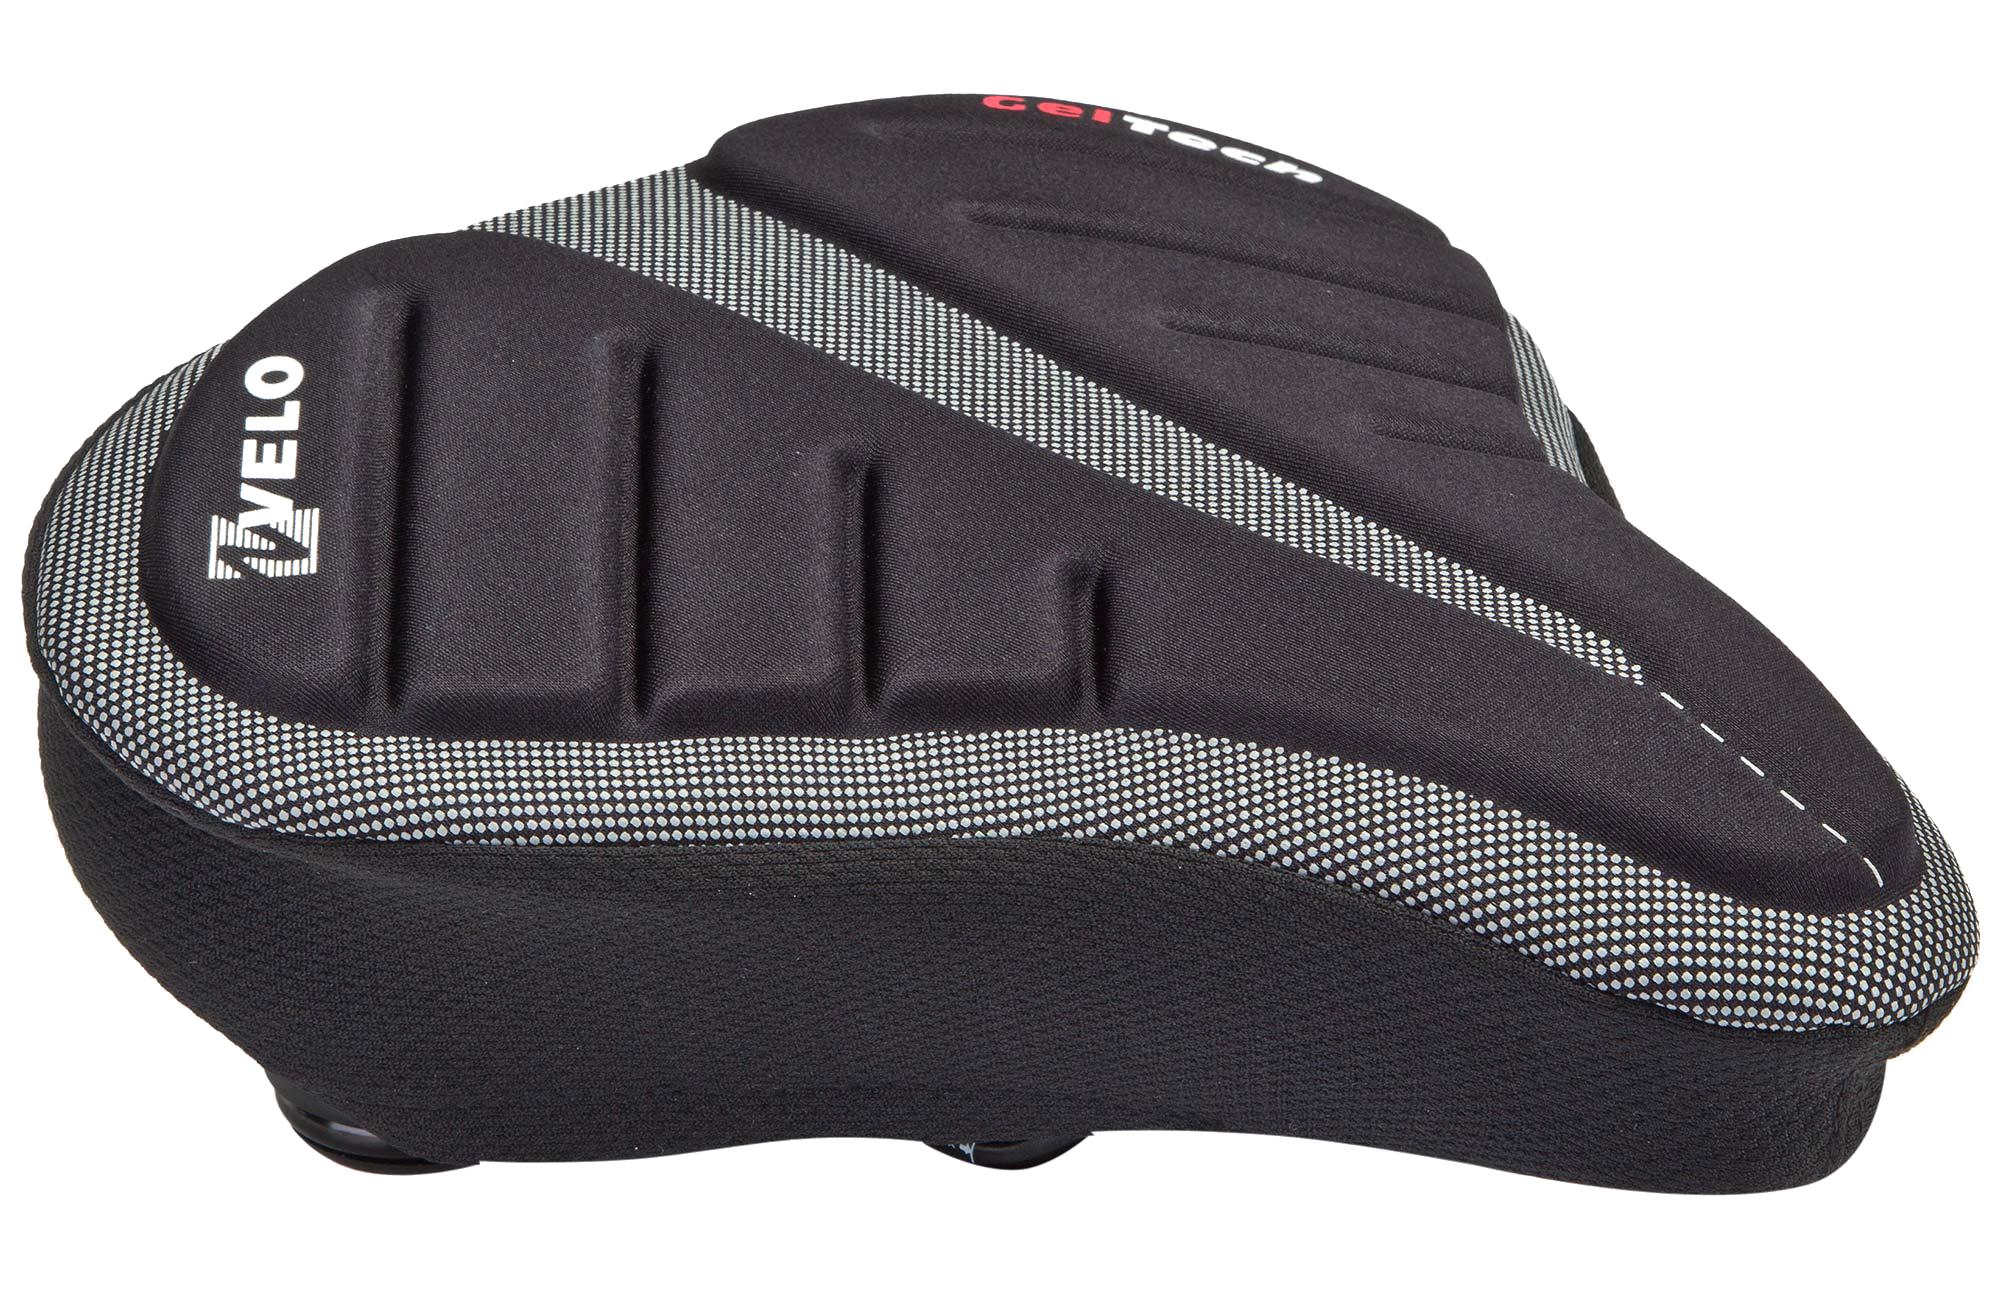 Купить Чехол на седло Velo VLC-173 в интернет магазине. Цены, фото, описания, характеристики, отзывы, обзоры